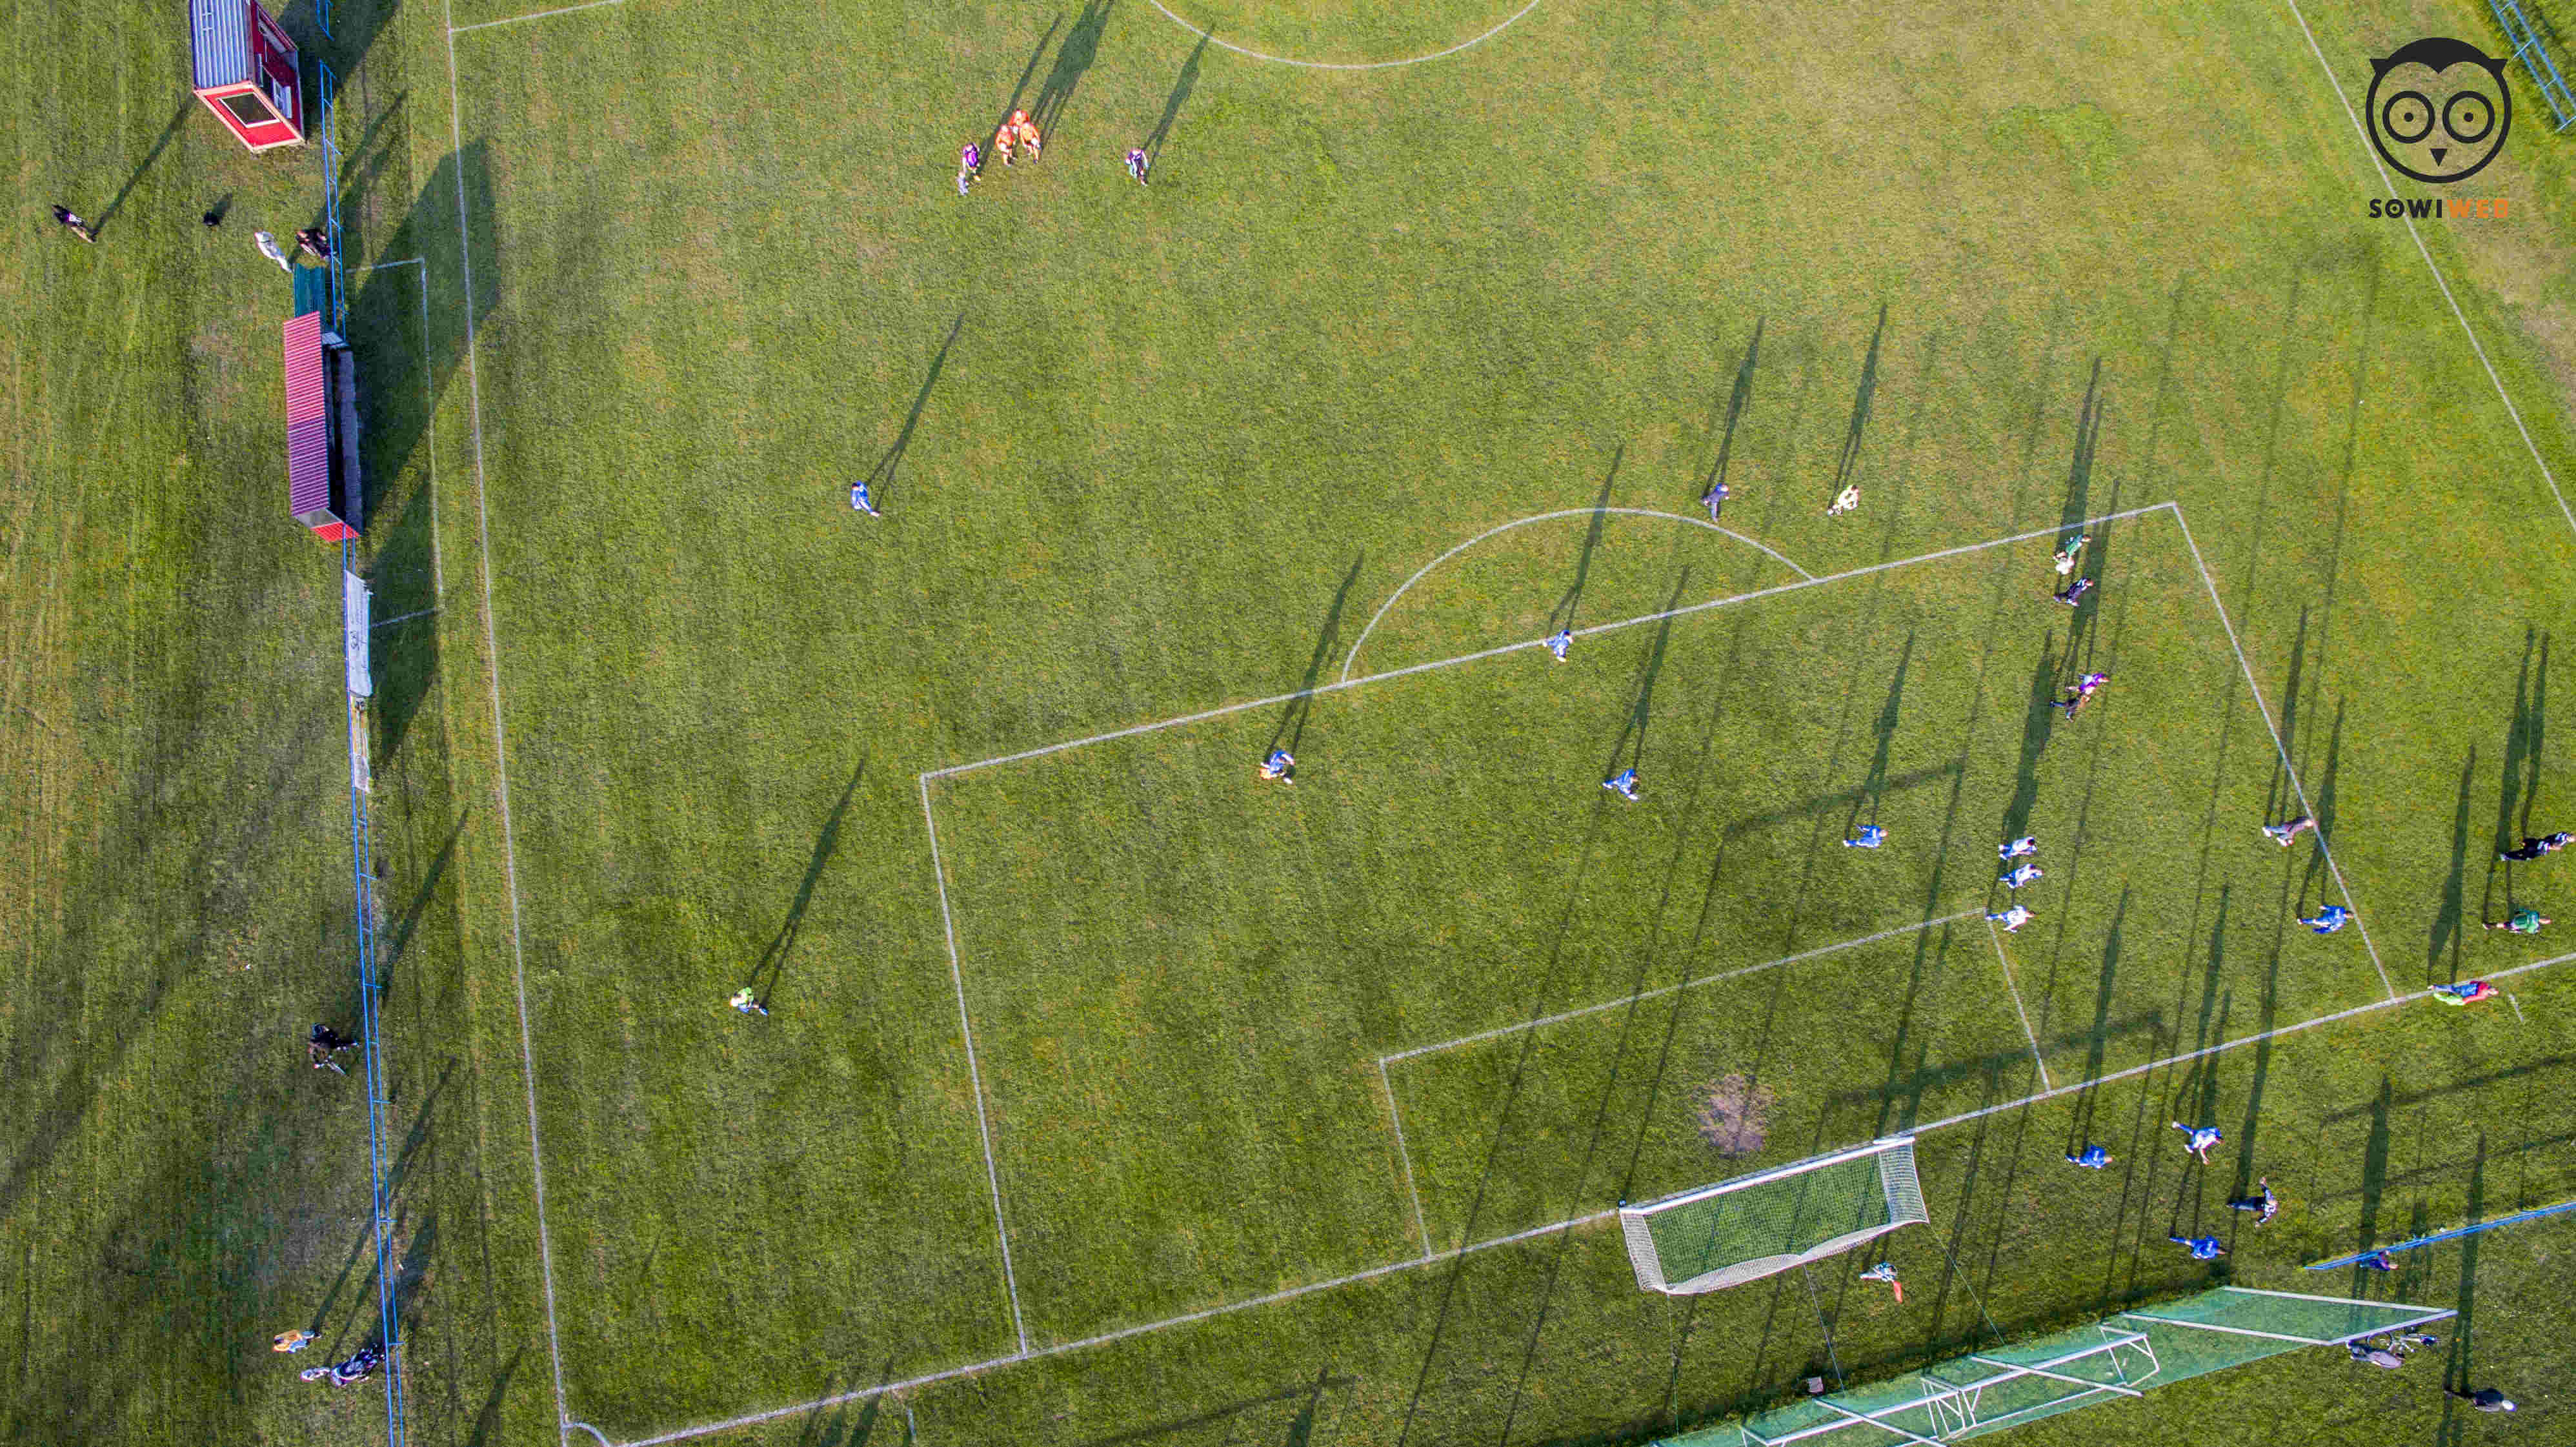 Sport w Kudowie z SowiWeb